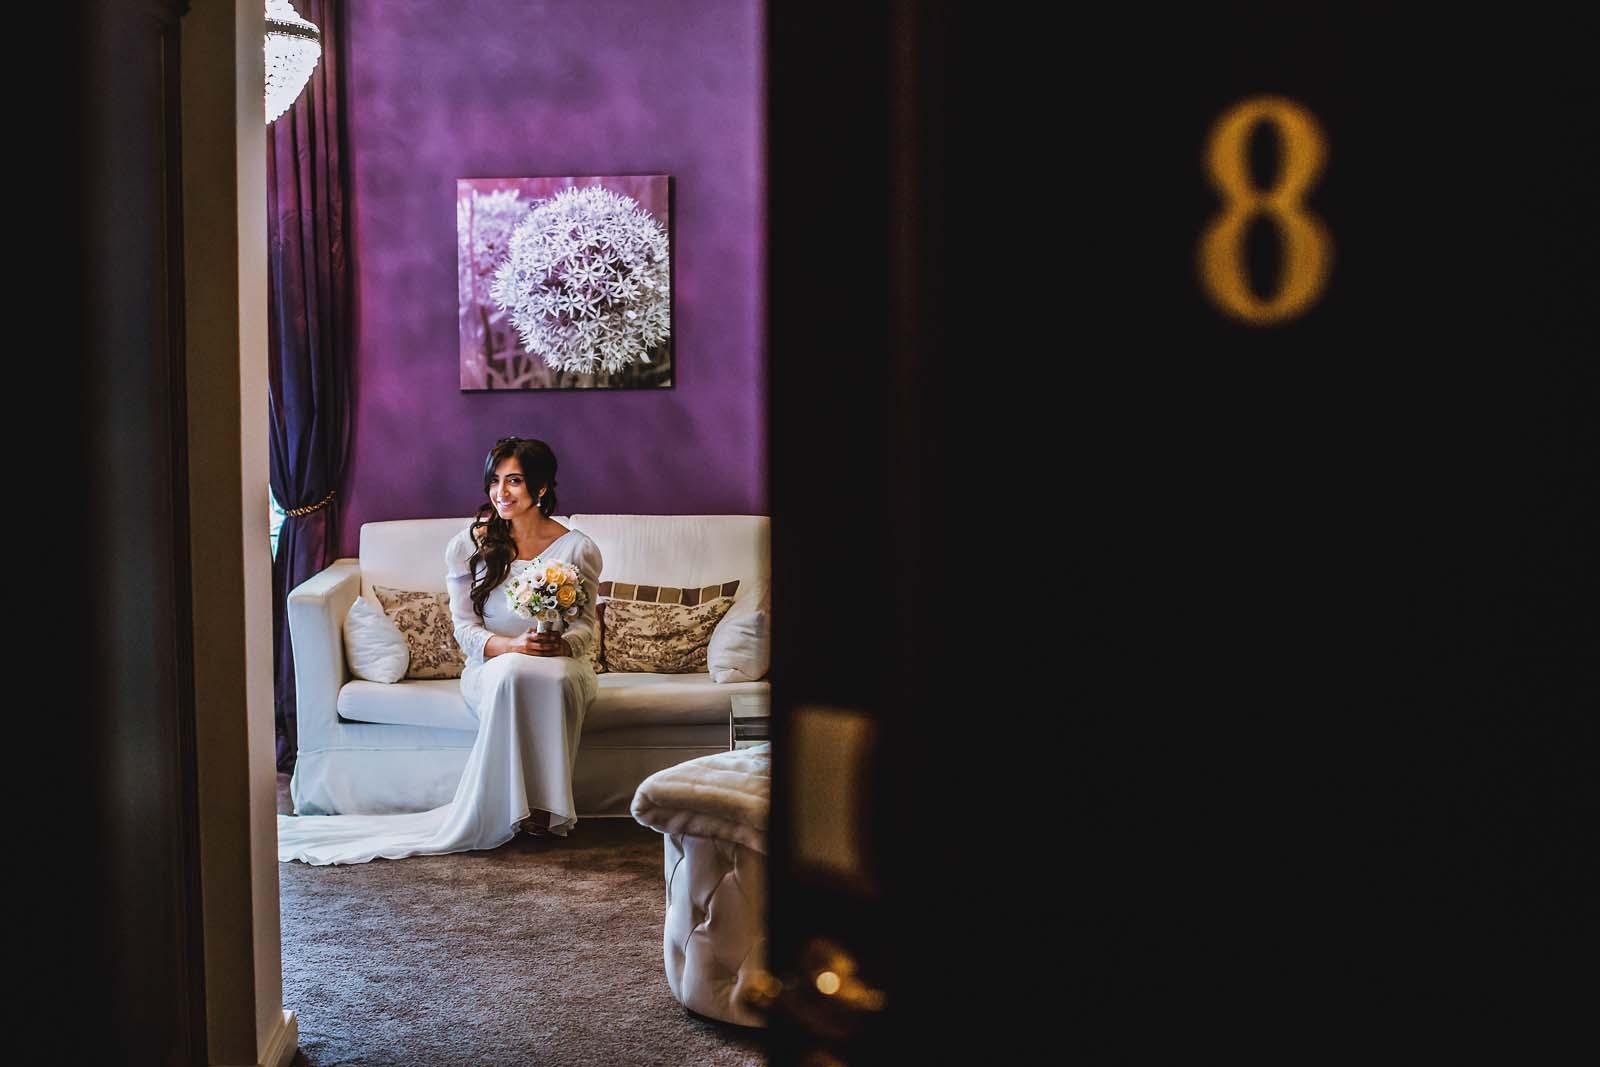 Detailfoto der Zimmernummer der Braut im Schloss Kartzow Hochzeit Copyright by Hochzeitsfotograf www.berliner-hochzeitsfotografie.de